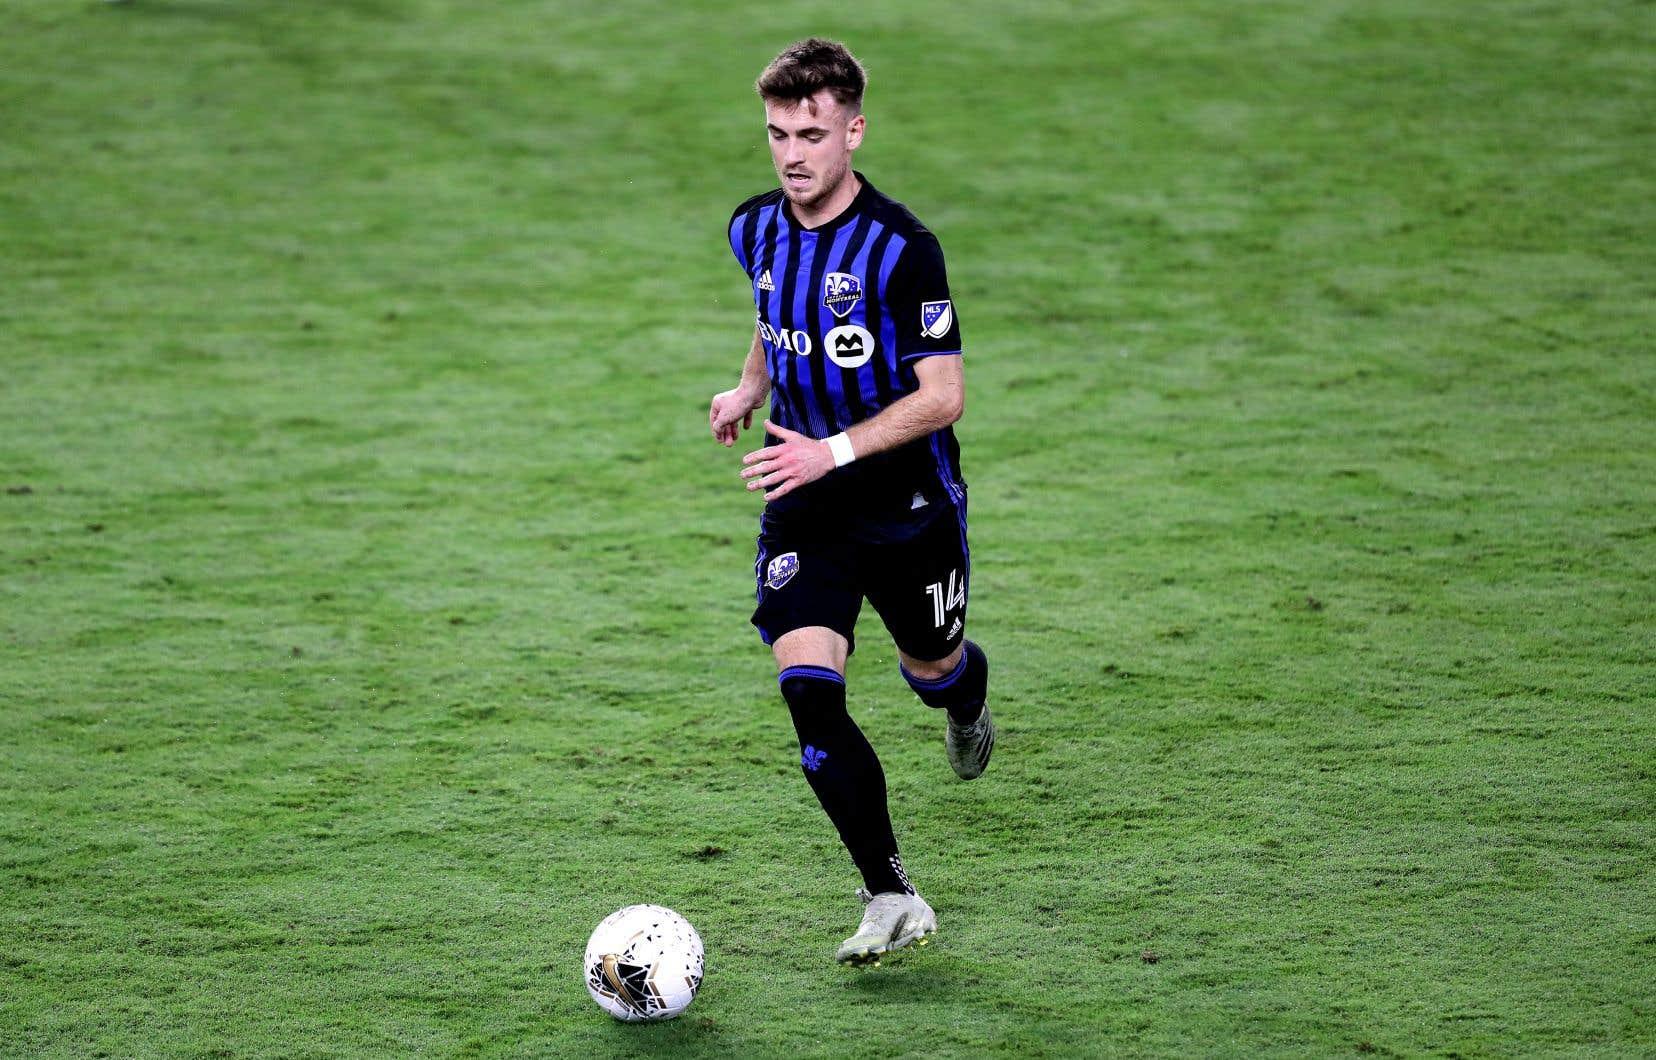 Le footballeur de 24ans estime qu'il est encore trop tôt pour savoir quel rôle il va jouer sous Nancy.